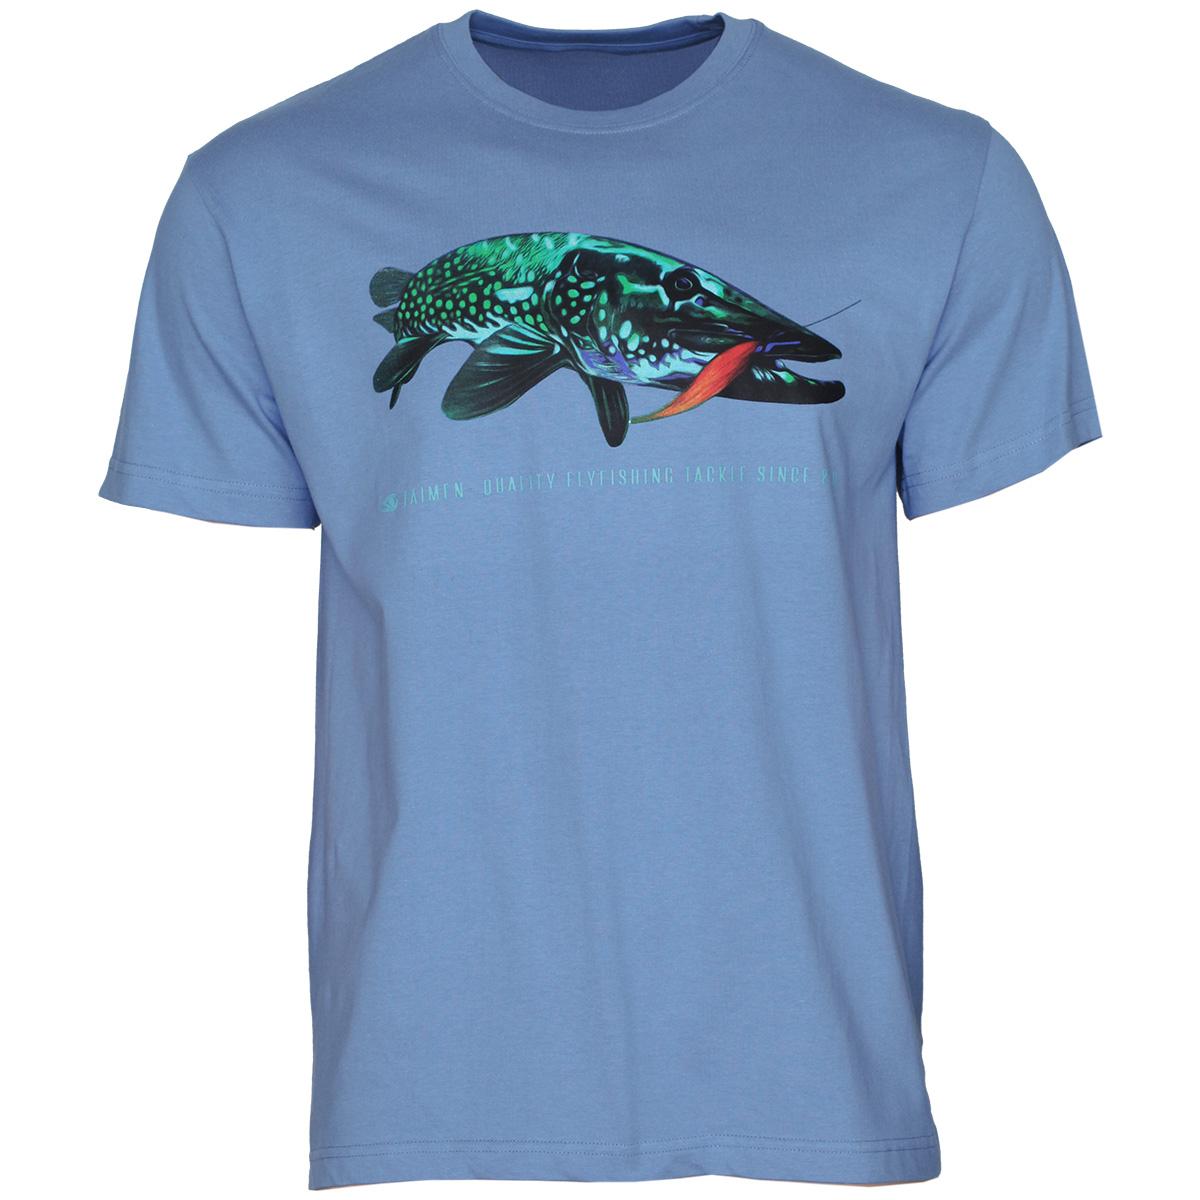 Taimen t shirt pike fishing t shirt taimen for Fishing t shirt